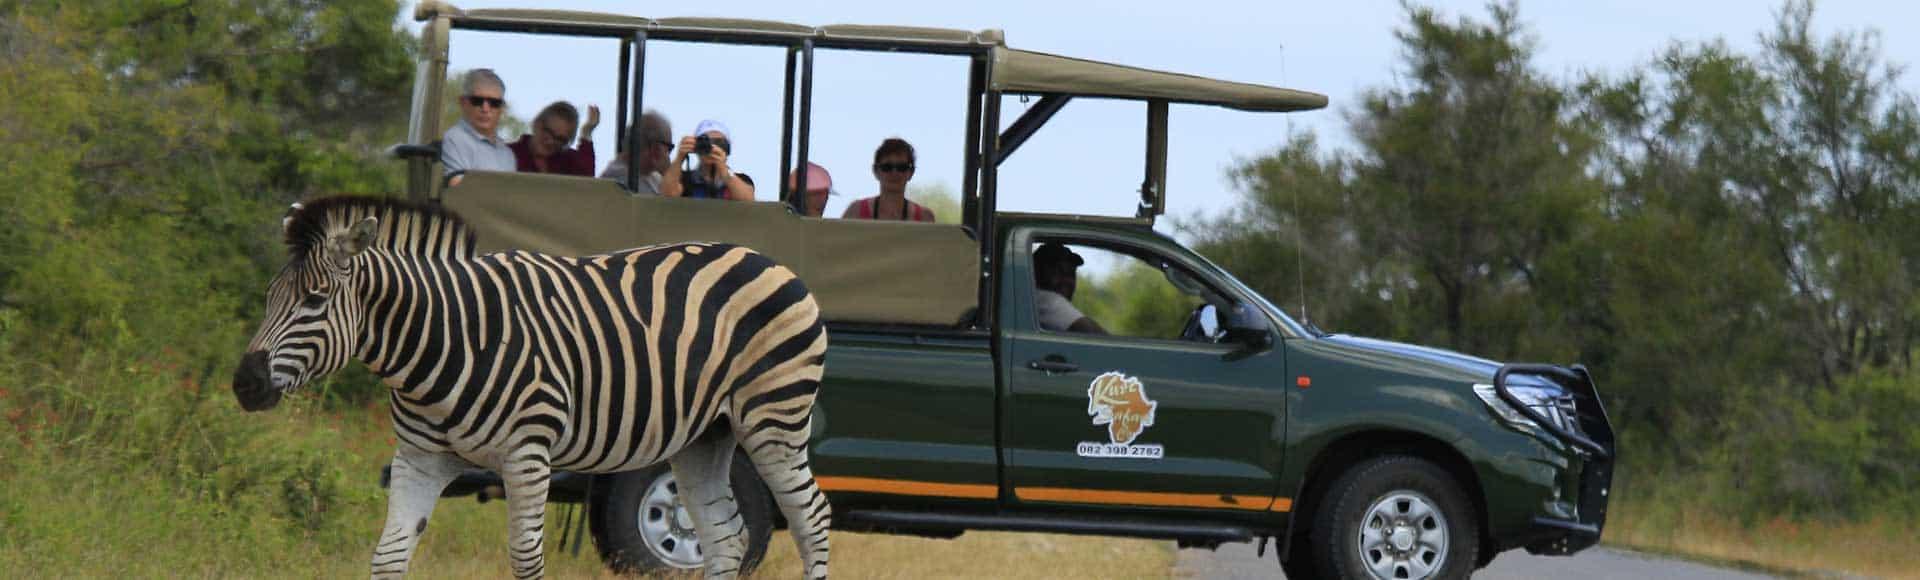 Kruger park day safaris